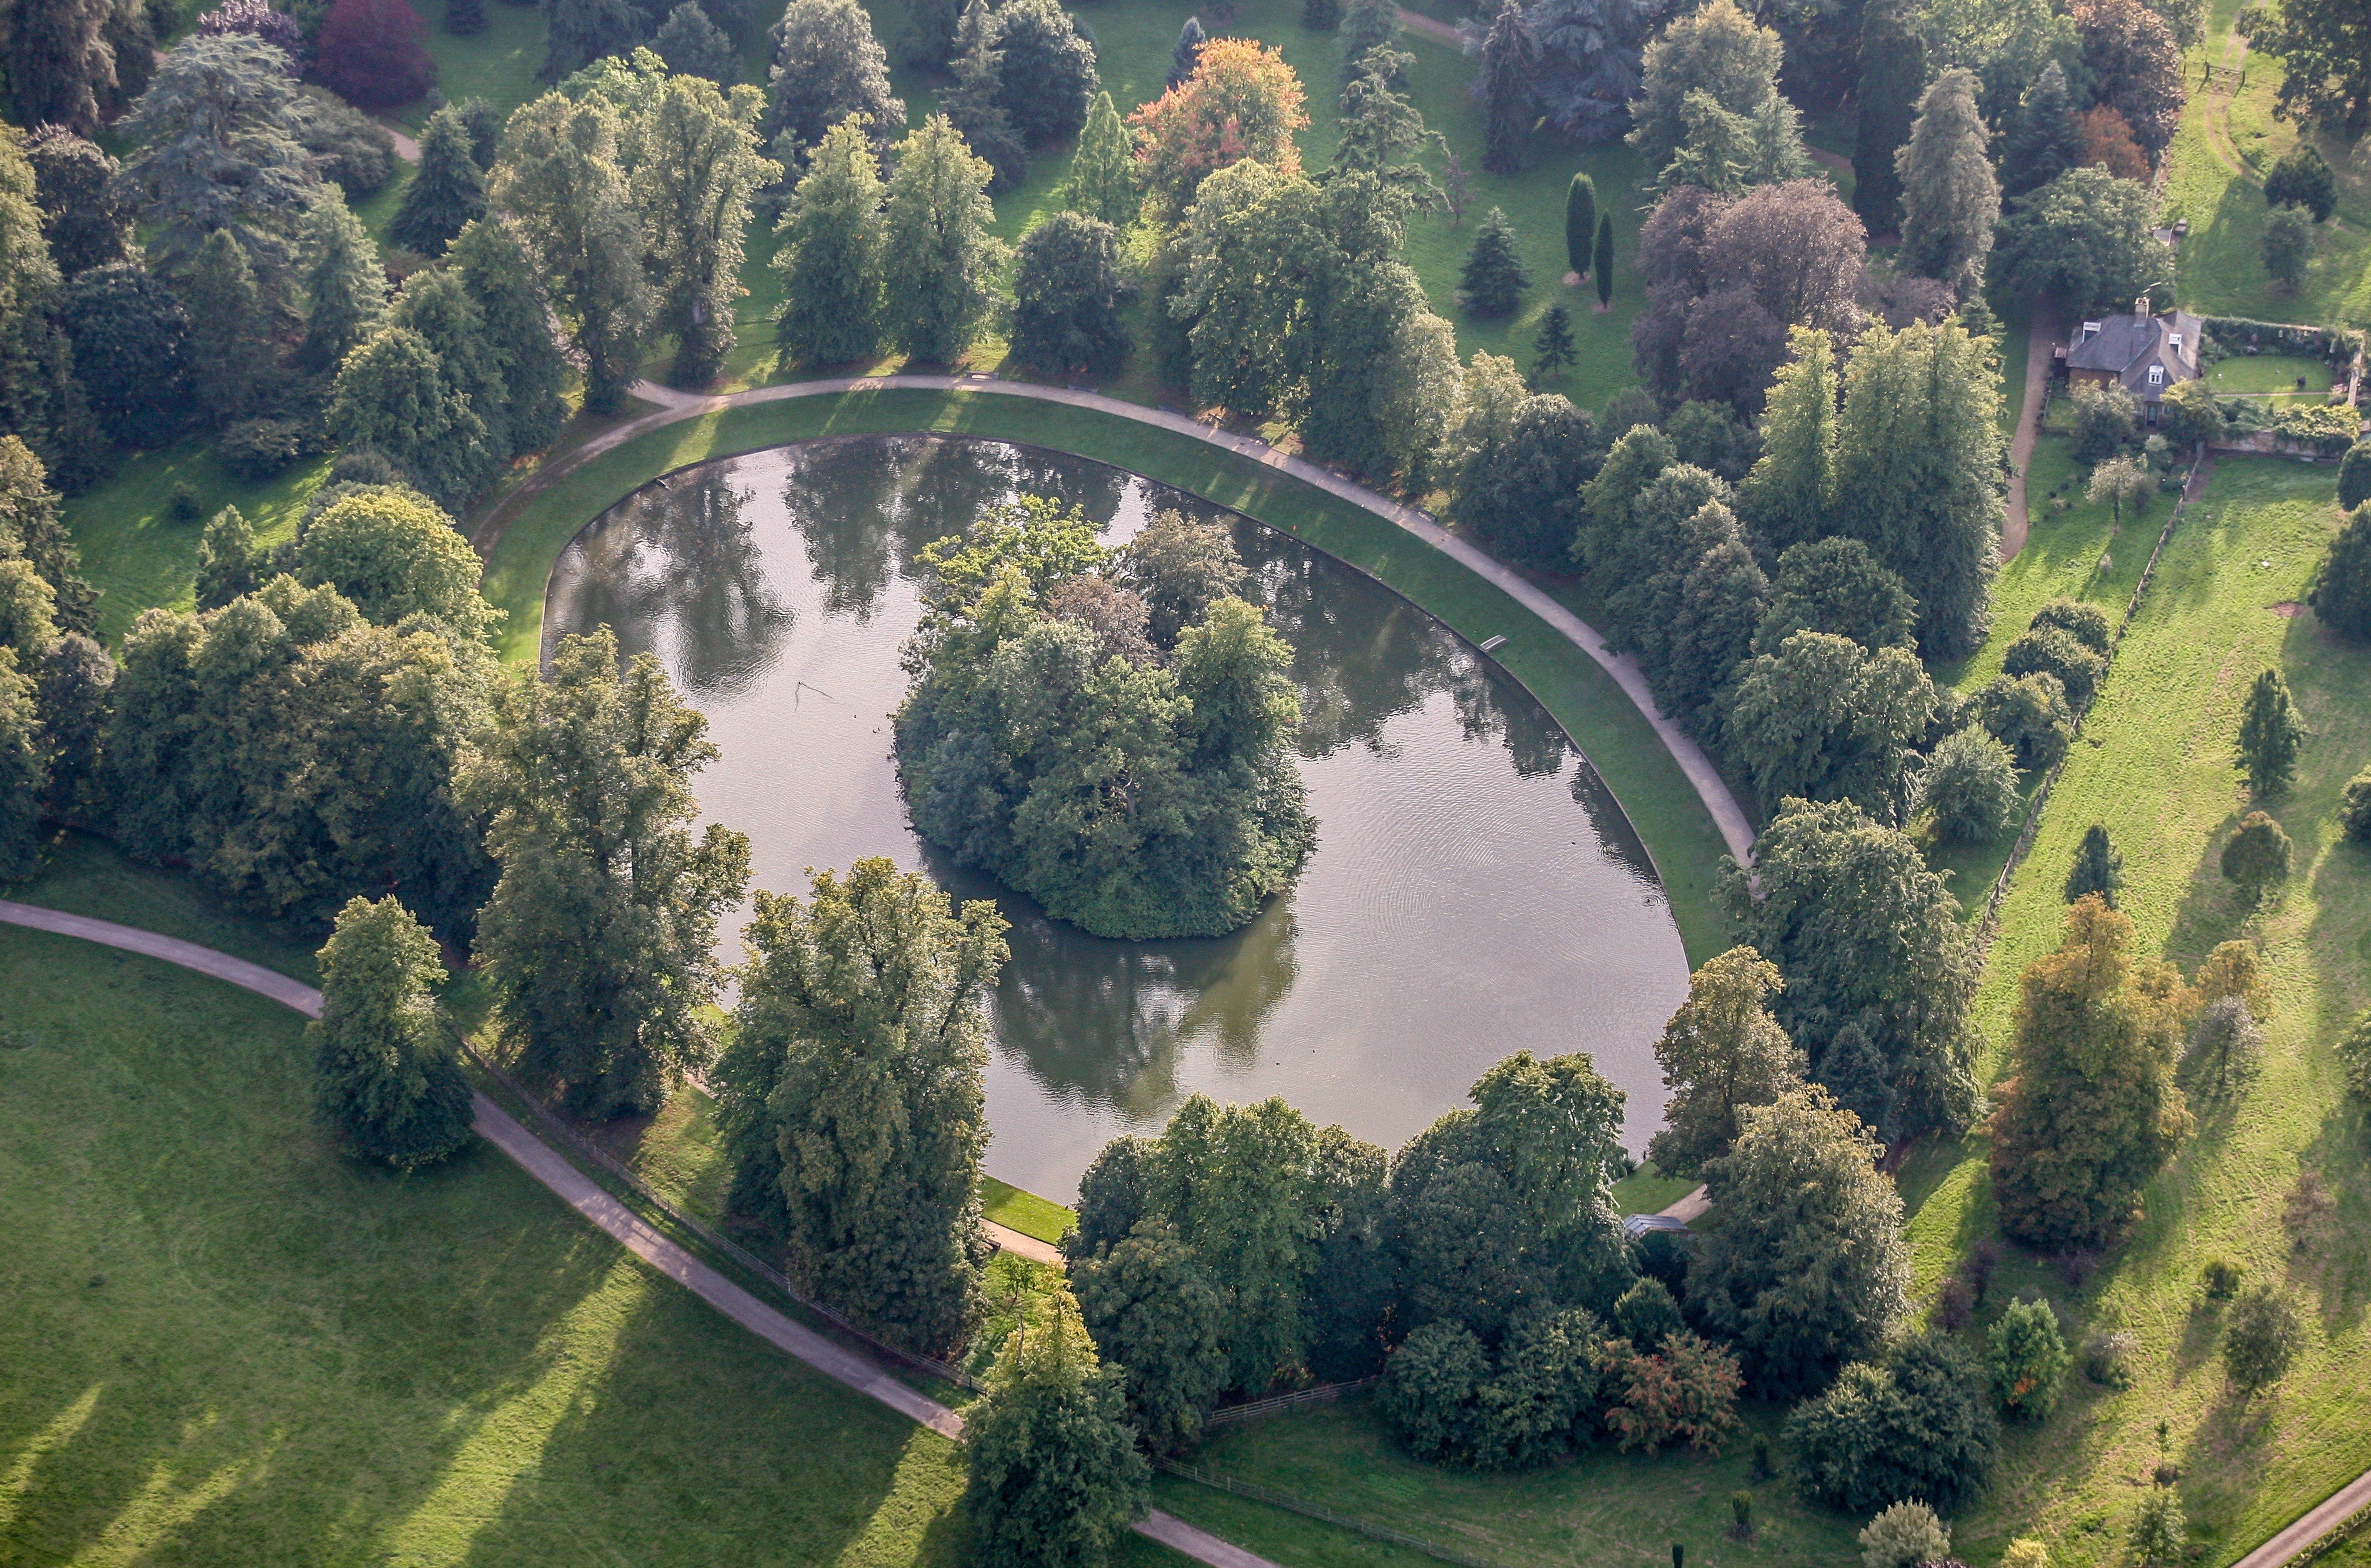 Vista aérea de la Isla Óvalo, en el lago Óvalo Redondo, sitio donde yacen los restos de Diana, Princesa de Gales, en los terrenos de la Casa Althorp, Northampton, Inglaterra | Fuente: Getty Images